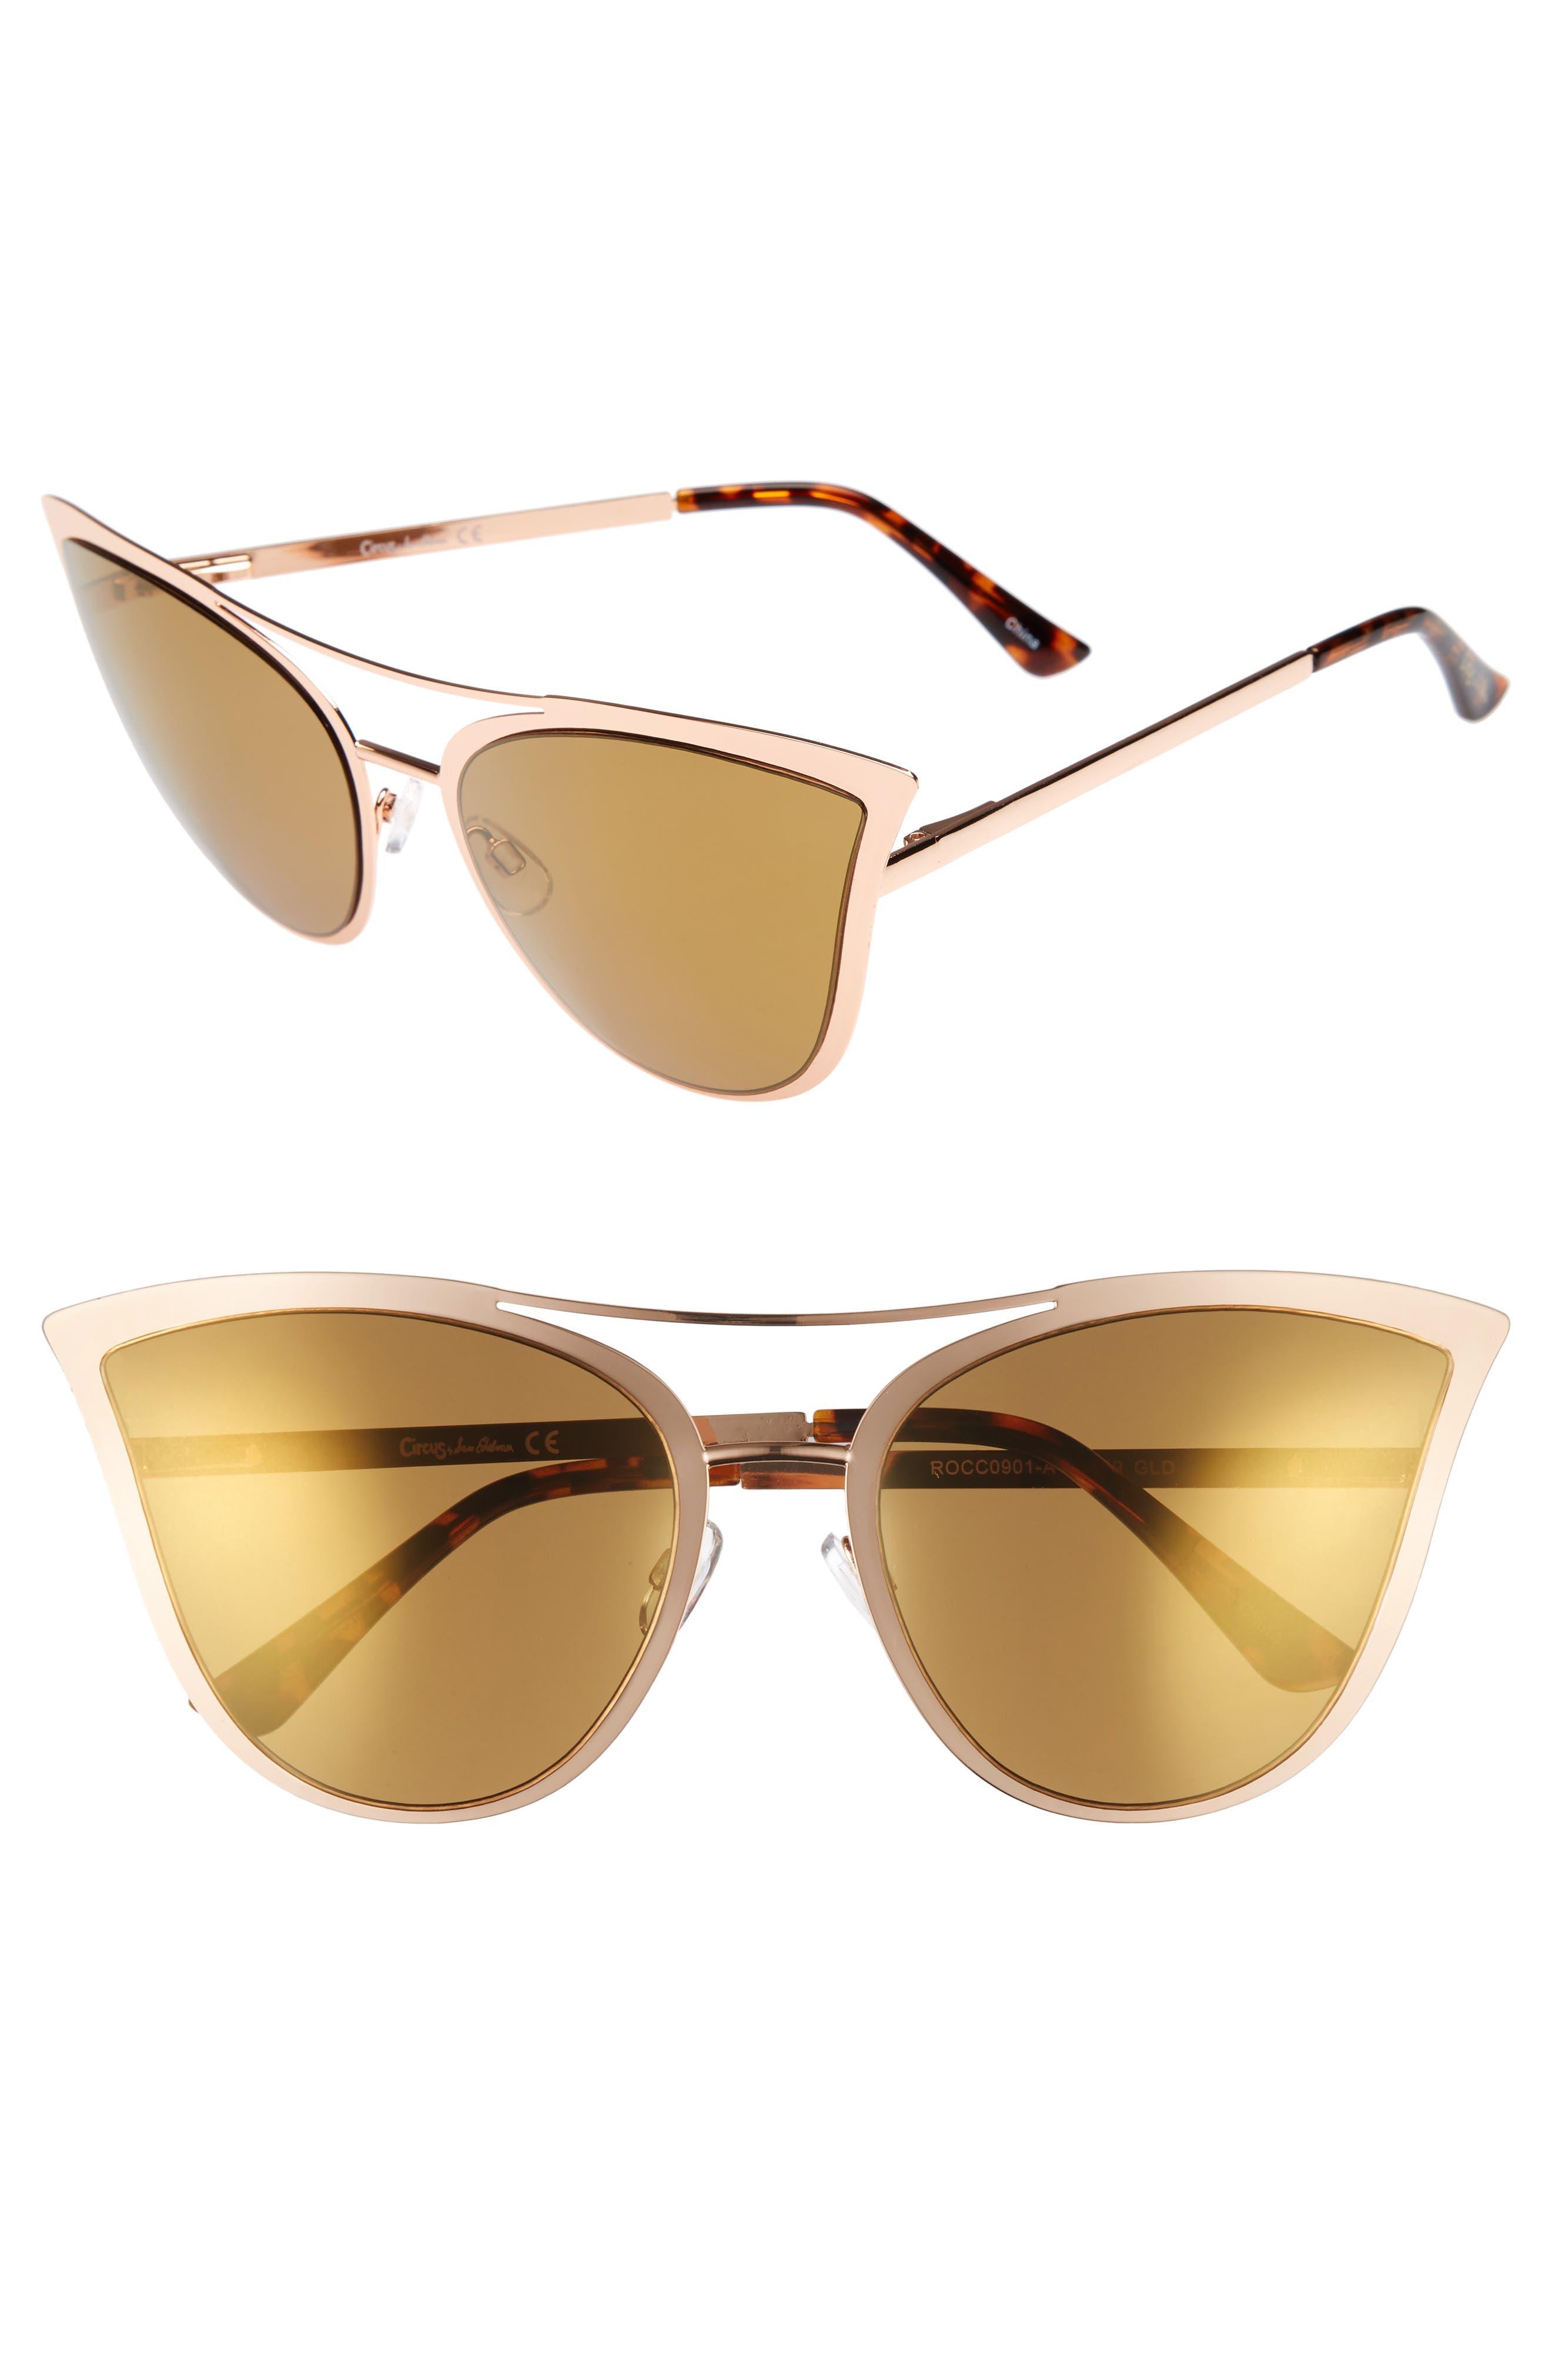 61mm Metal Cat Eye Sunglasses,                         Main,                         color, Gold